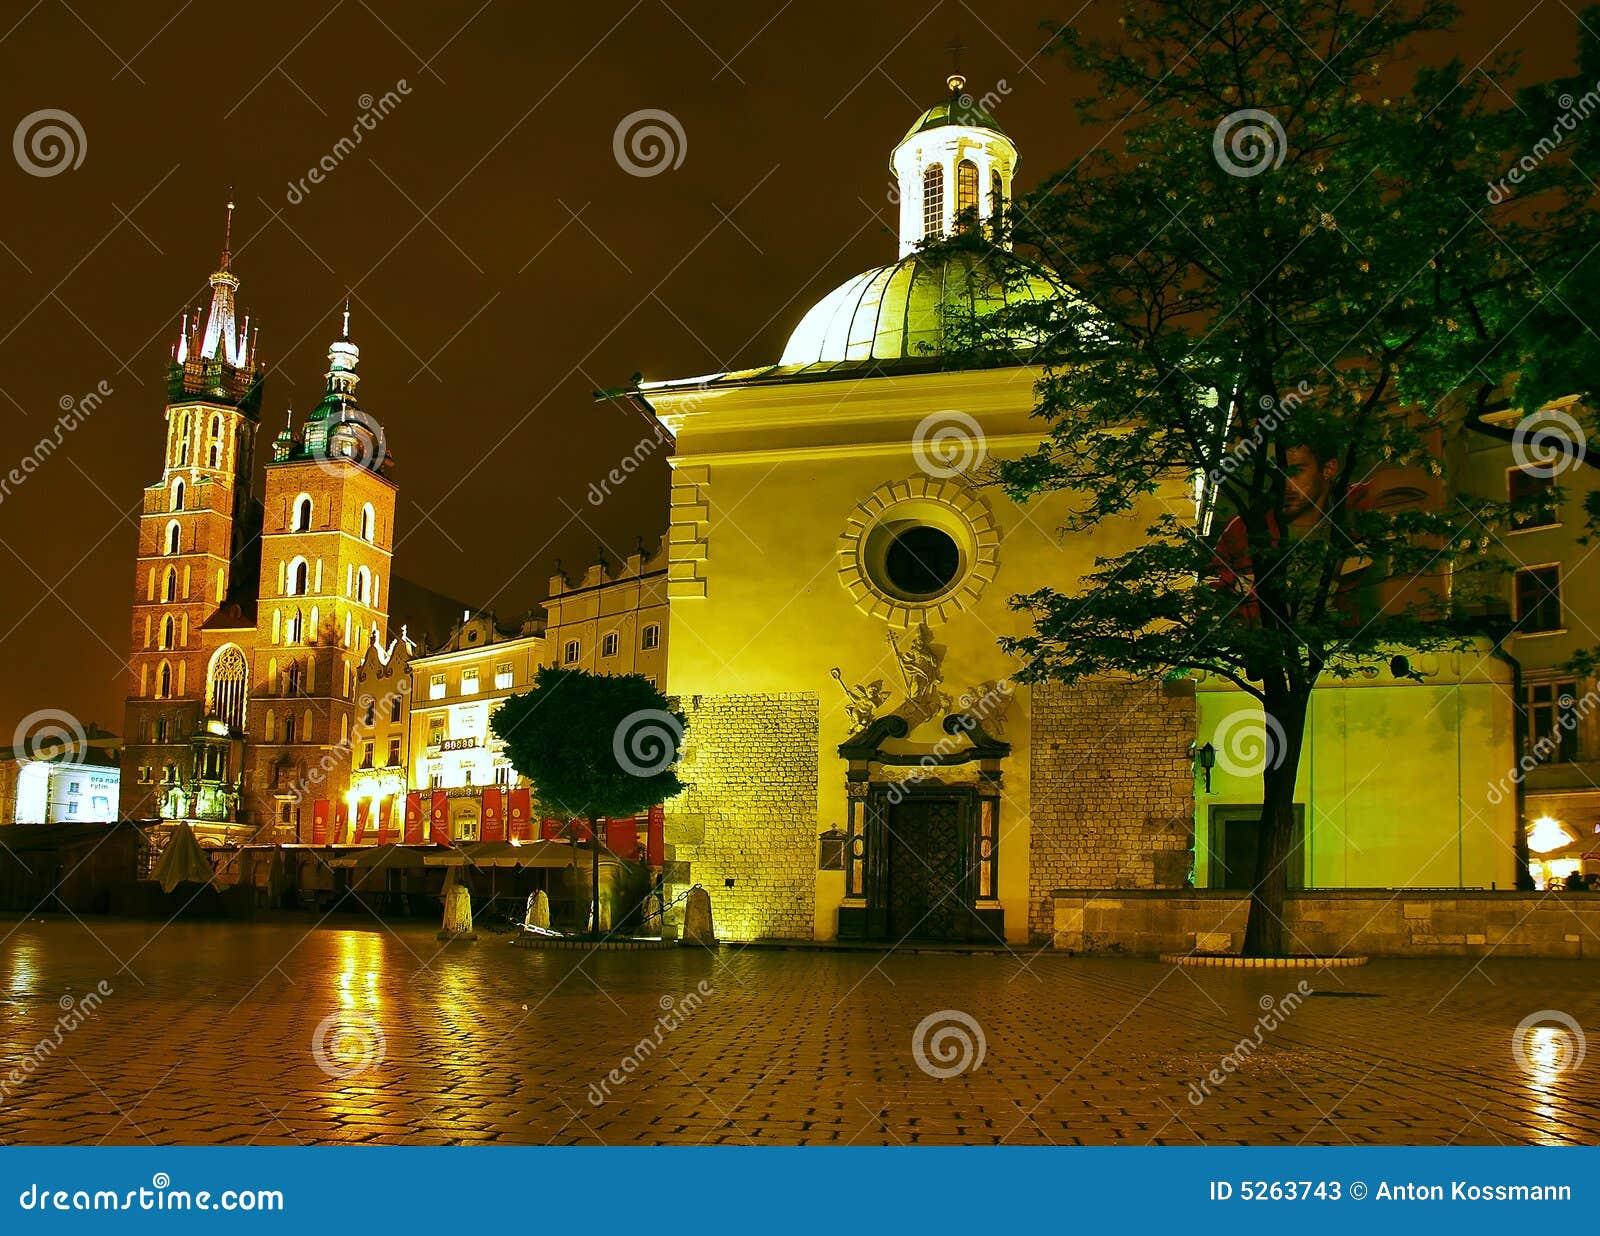 Nighttime Krakow